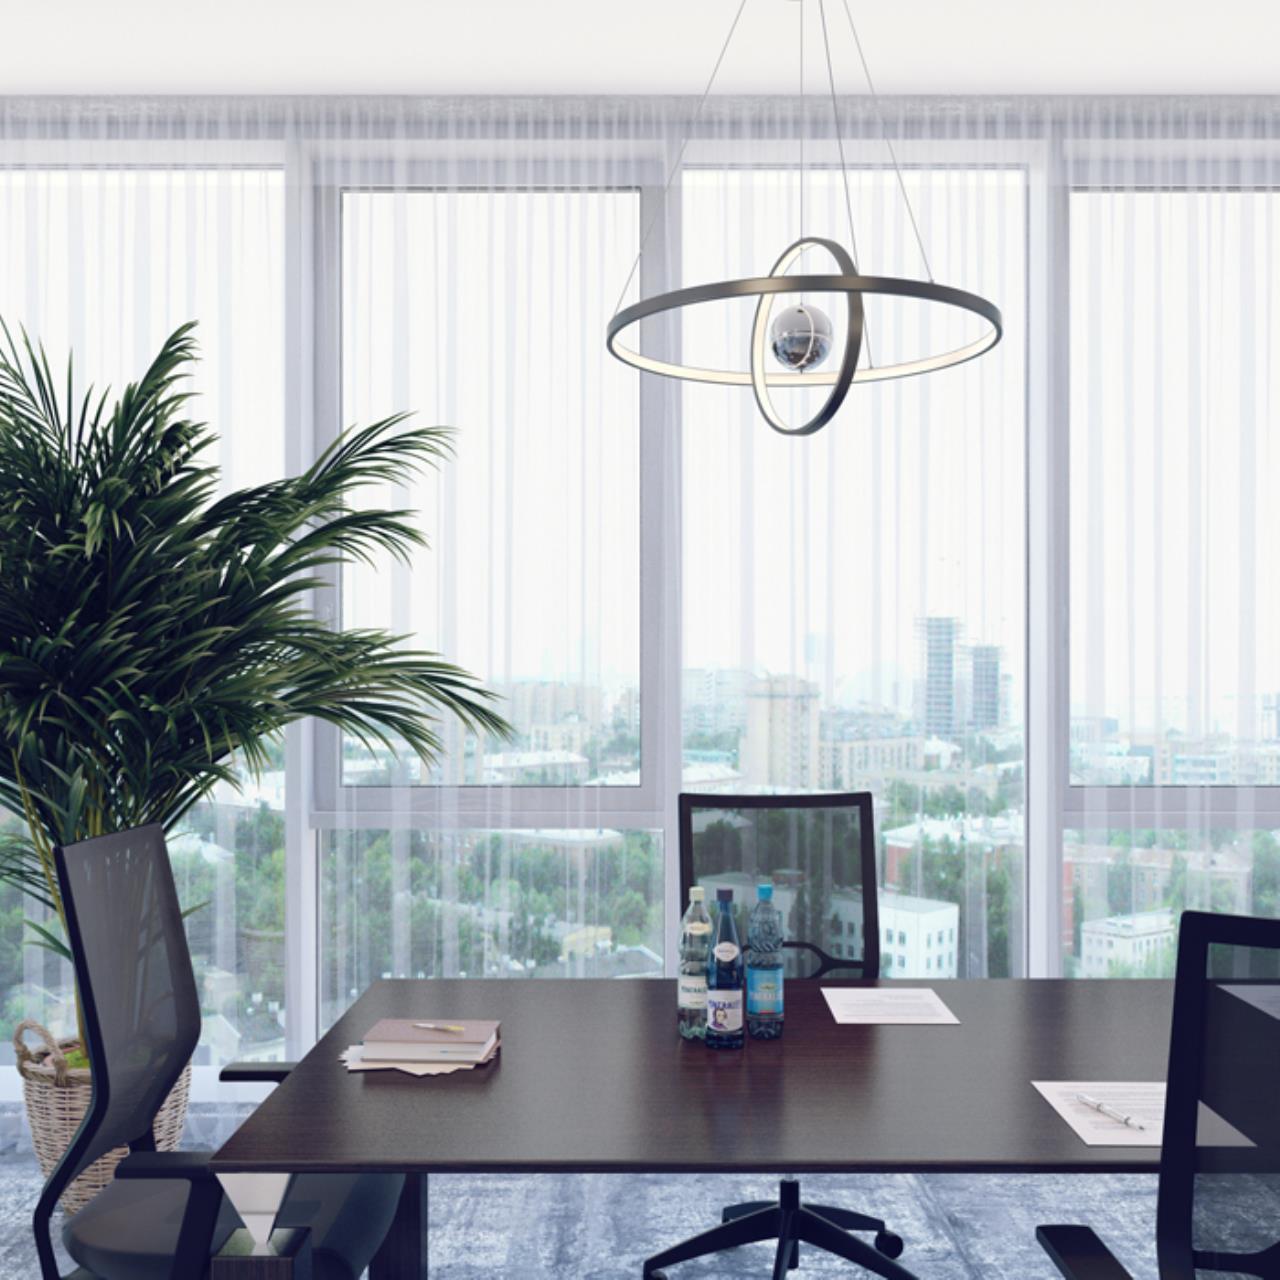 Подвесной светодиодный светильник Odeon Light L-Vision Lond 4031/40L, LED 40W 3000K 3600lm, темно-серый, хром, металл, пластик, стекло - фото 3